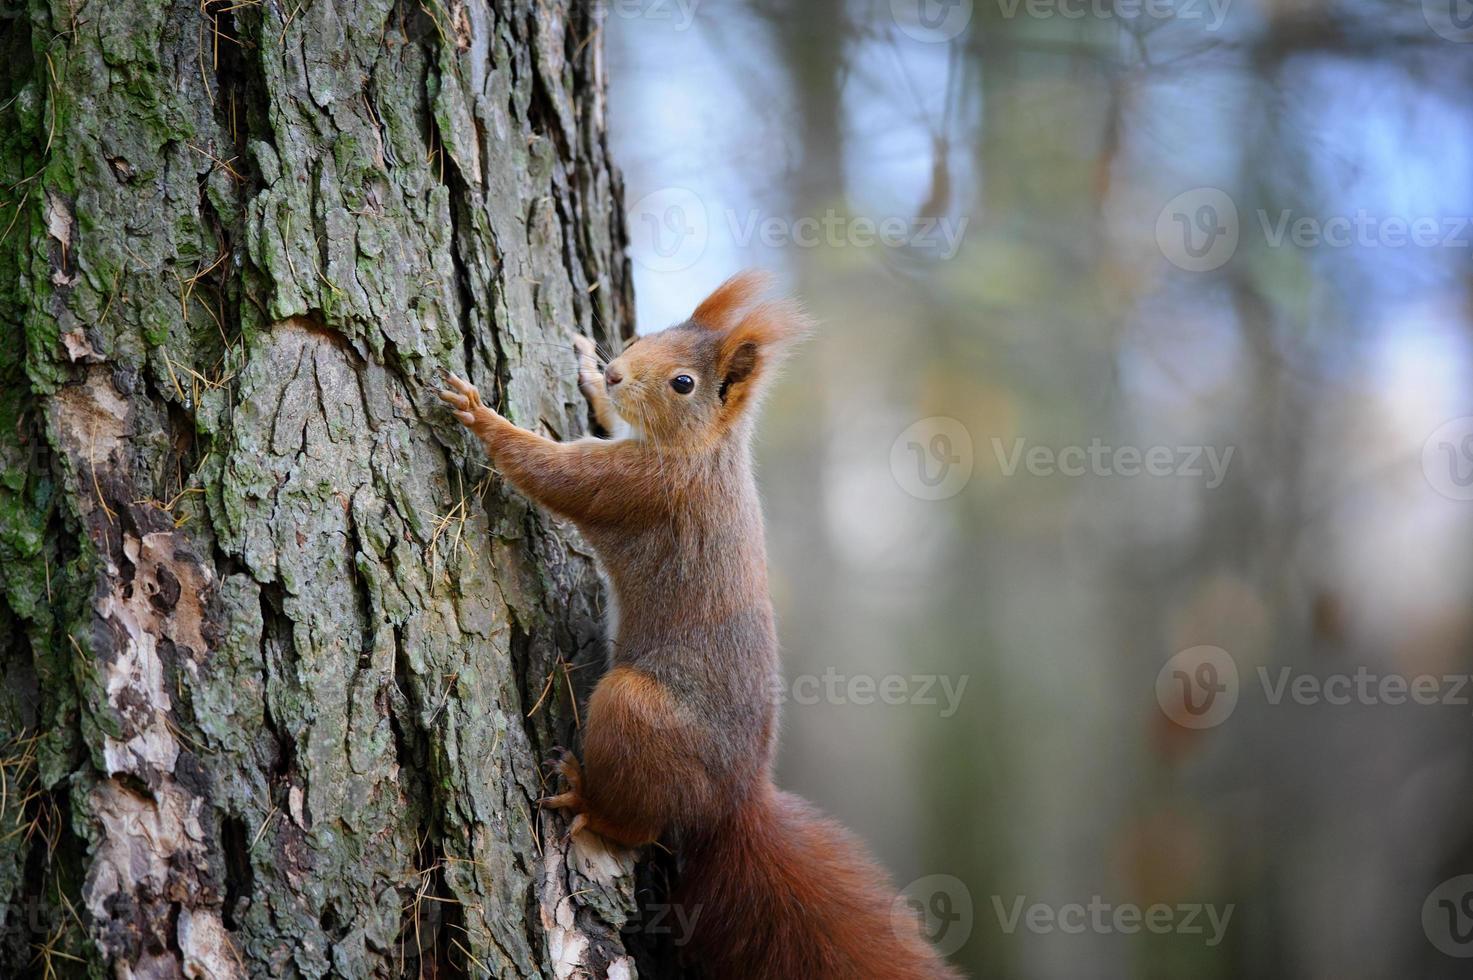 simpatico scoiattolo rosso che si arrampica sulla corteccia del tronco d'albero foto